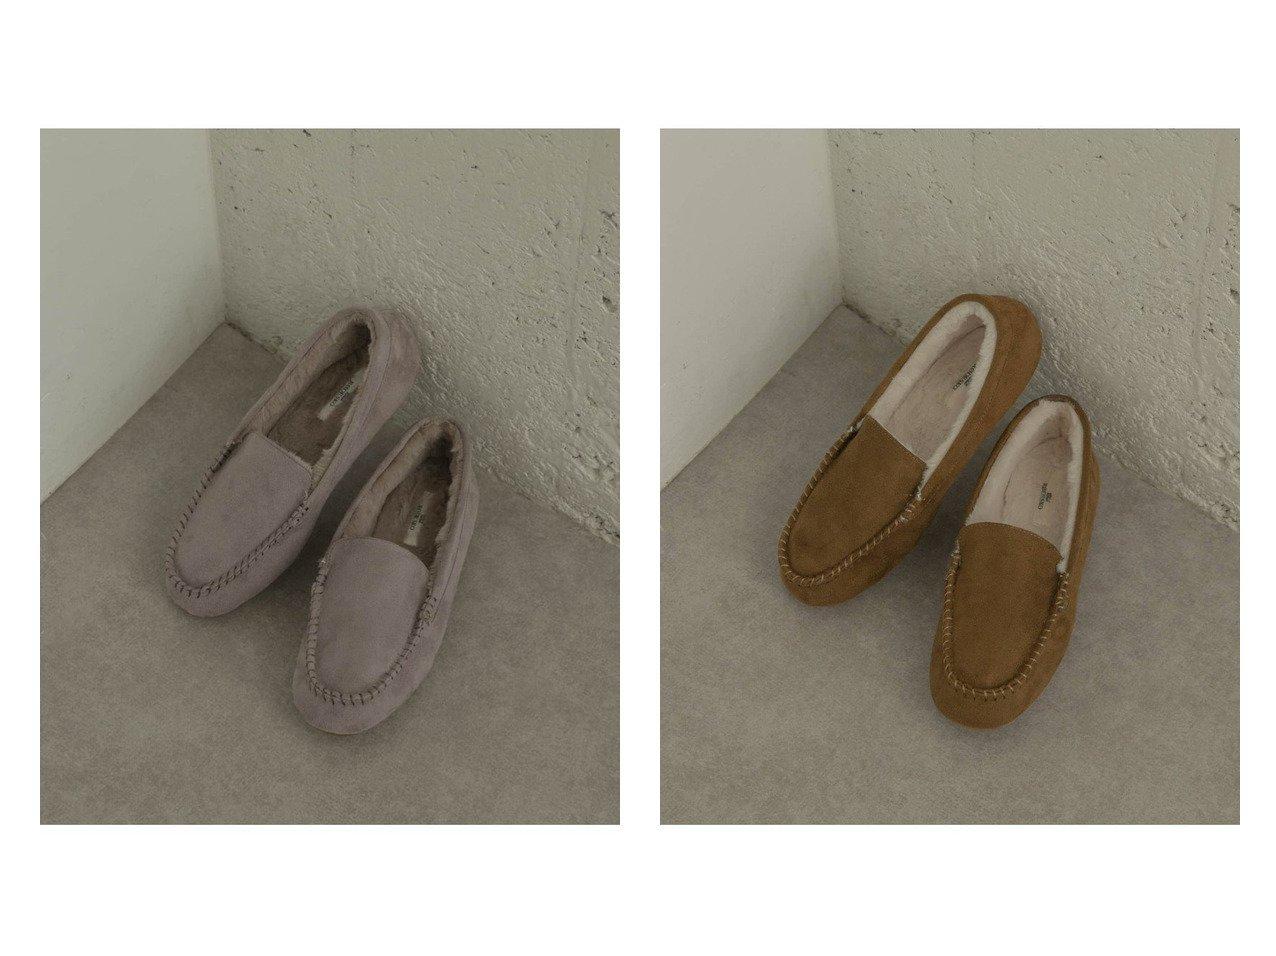 【RODE SKO/ロデスコ】のBETANIA エコファースリッポン シューズ・靴のおすすめ!人気、トレンド・レディースファッションの通販  おすすめで人気の流行・トレンド、ファッションの通販商品 メンズファッション・キッズファッション・インテリア・家具・レディースファッション・服の通販 founy(ファニー) https://founy.com/ ファッション Fashion レディースファッション WOMEN シューズ スニーカー スリッポン タイツ |ID:crp329100000009807